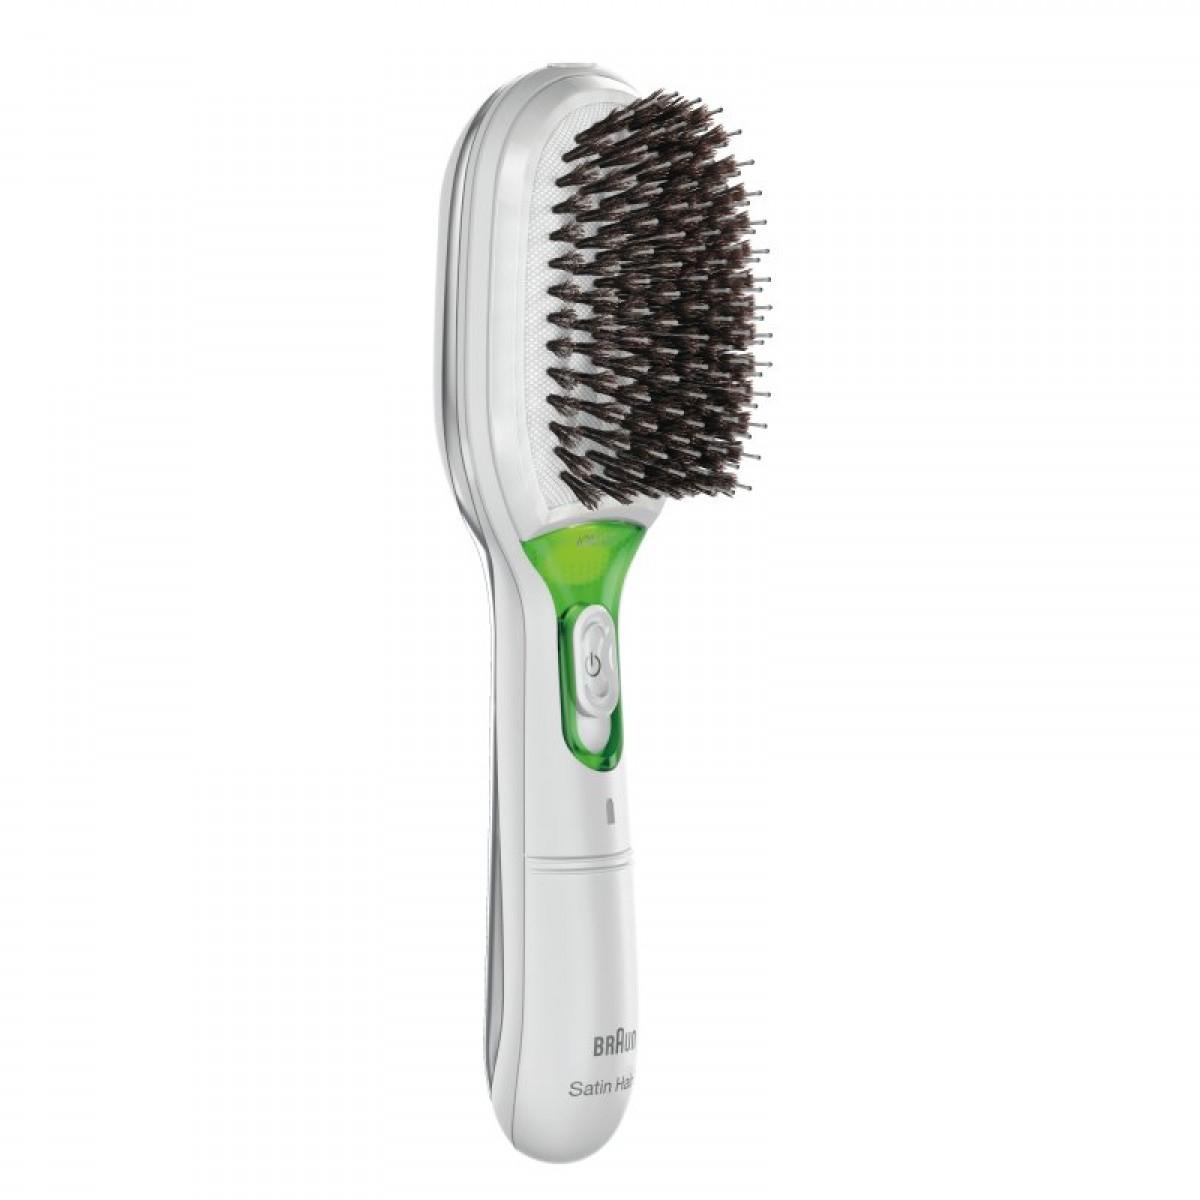 BRAUN Hårbørste iontec satin hair 7